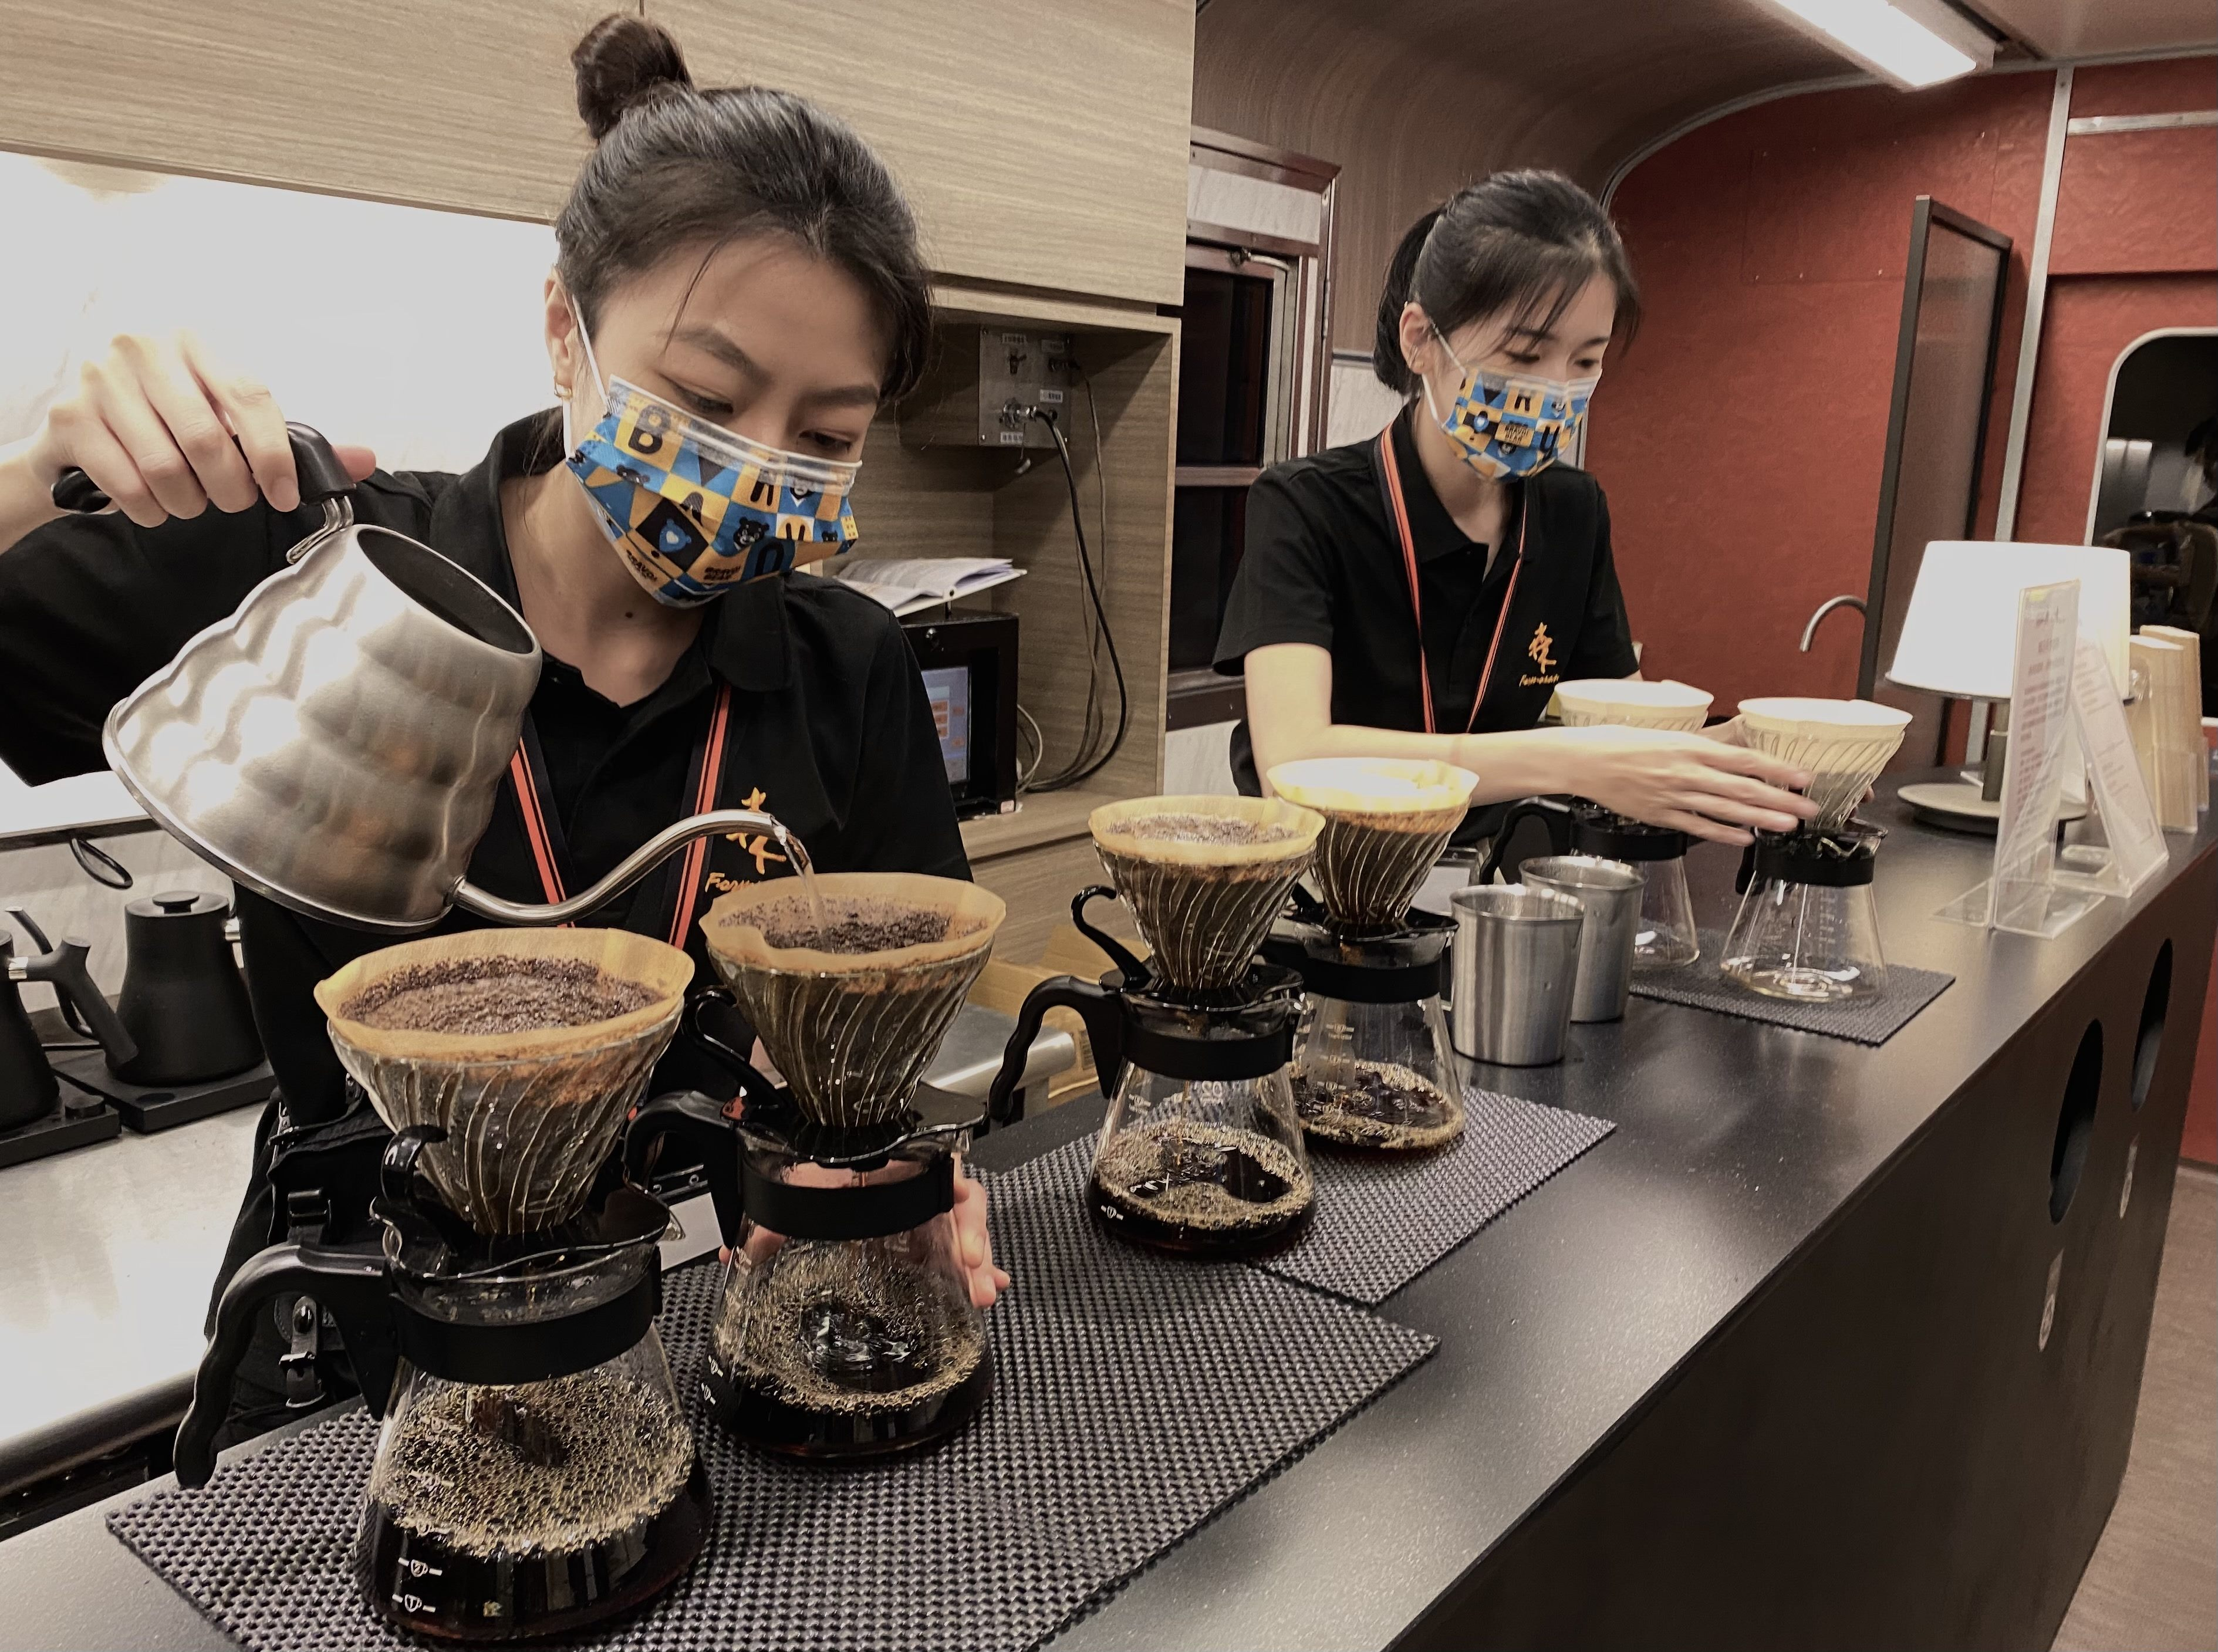 觀傳局邀請臺北在地品牌「森高砂咖啡」於鳴日號列車提供手沖咖啡服務